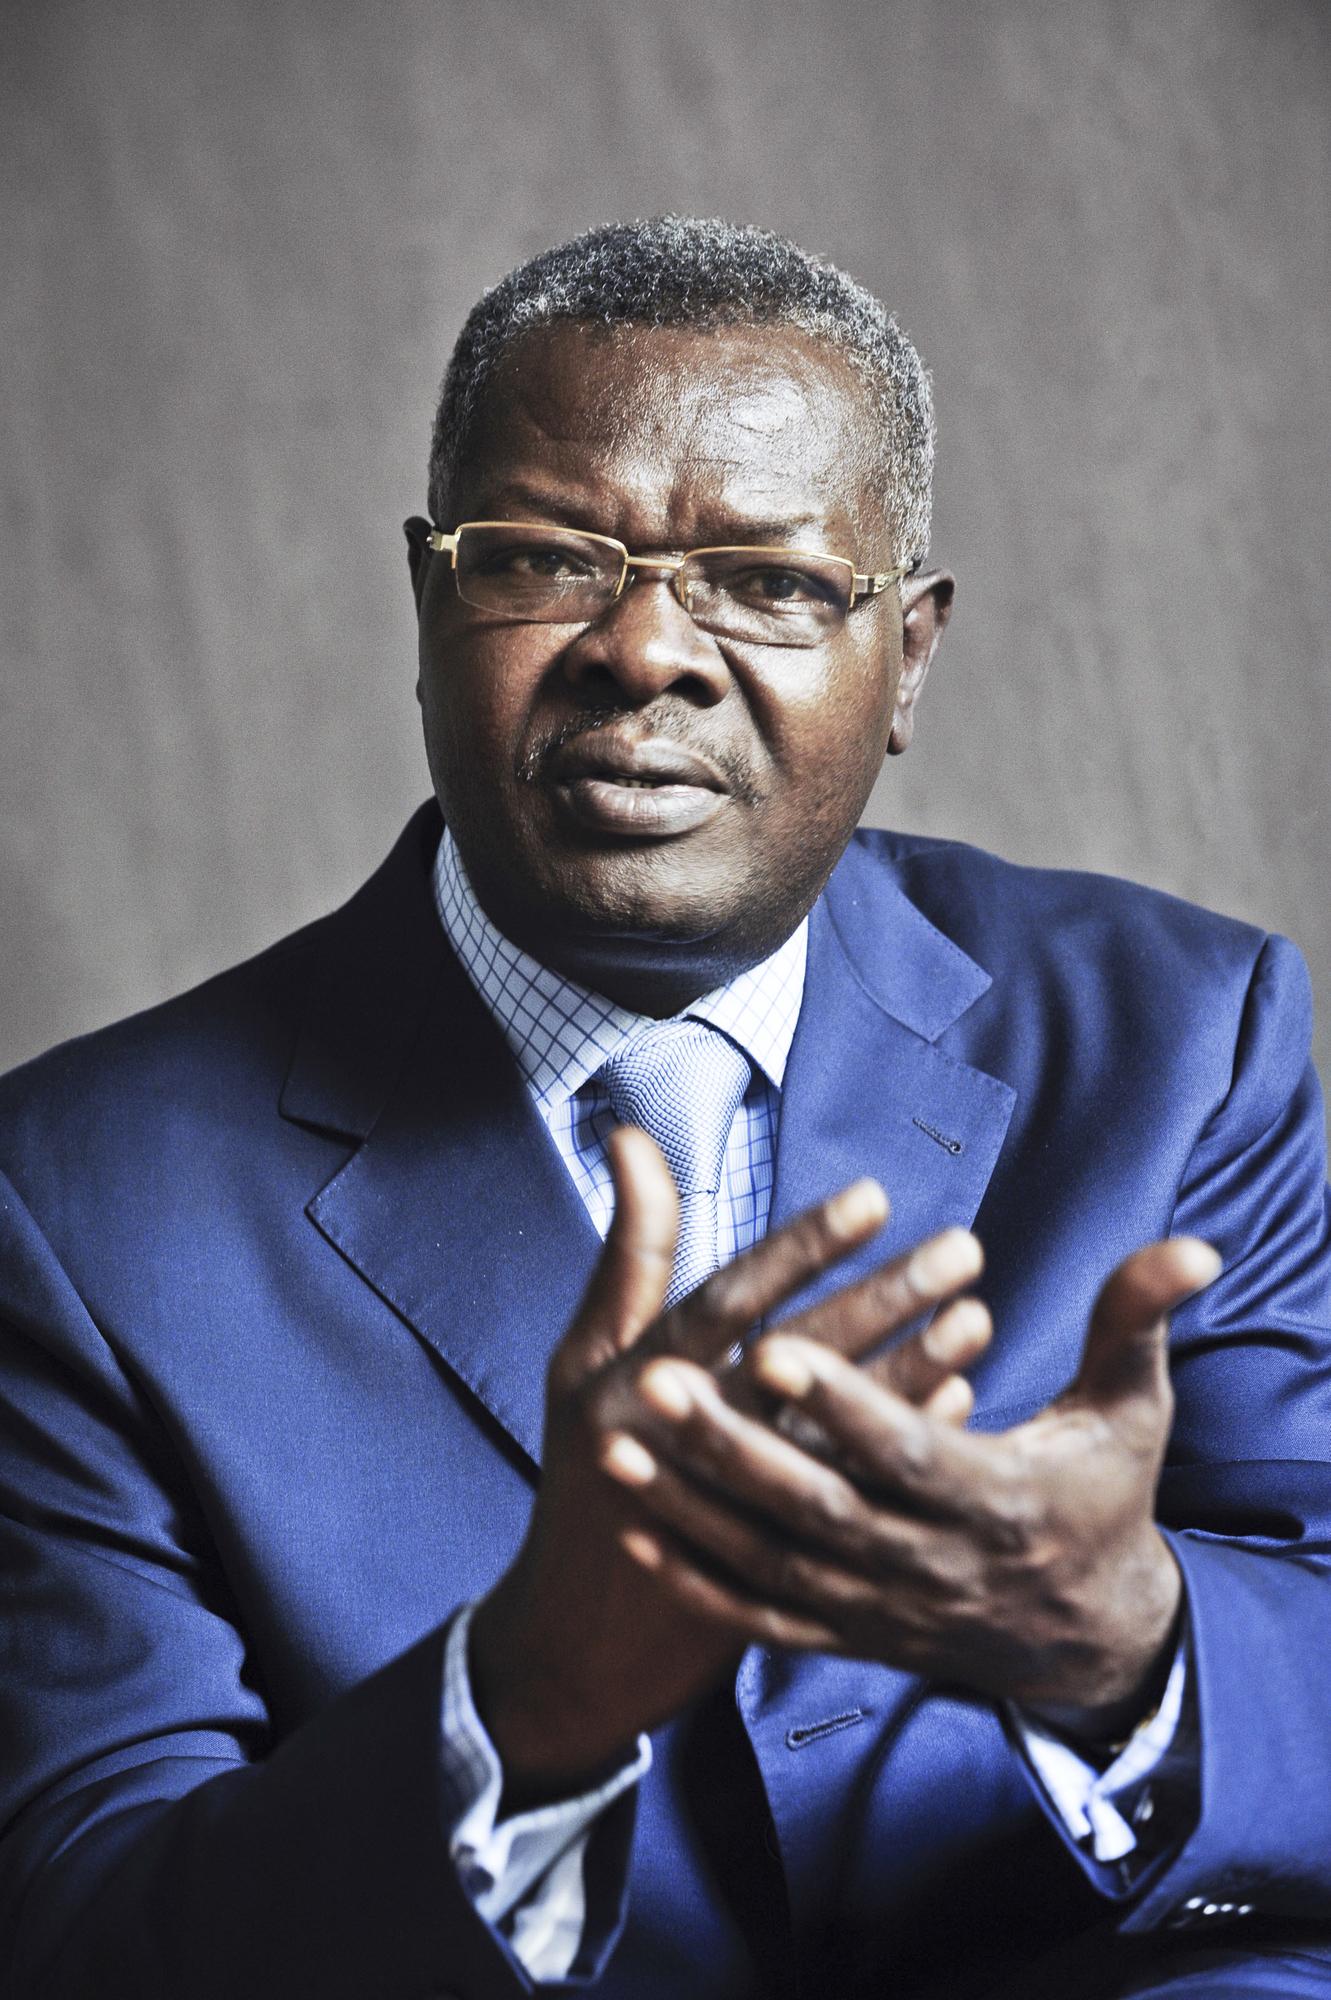 Agbeyome Kodjo (Togo), homme politique, ancien Premier ministre du président Eyadema. A Paris, le 17 avril 2013. Photo de Vincent Fournier/Jeune Afrique